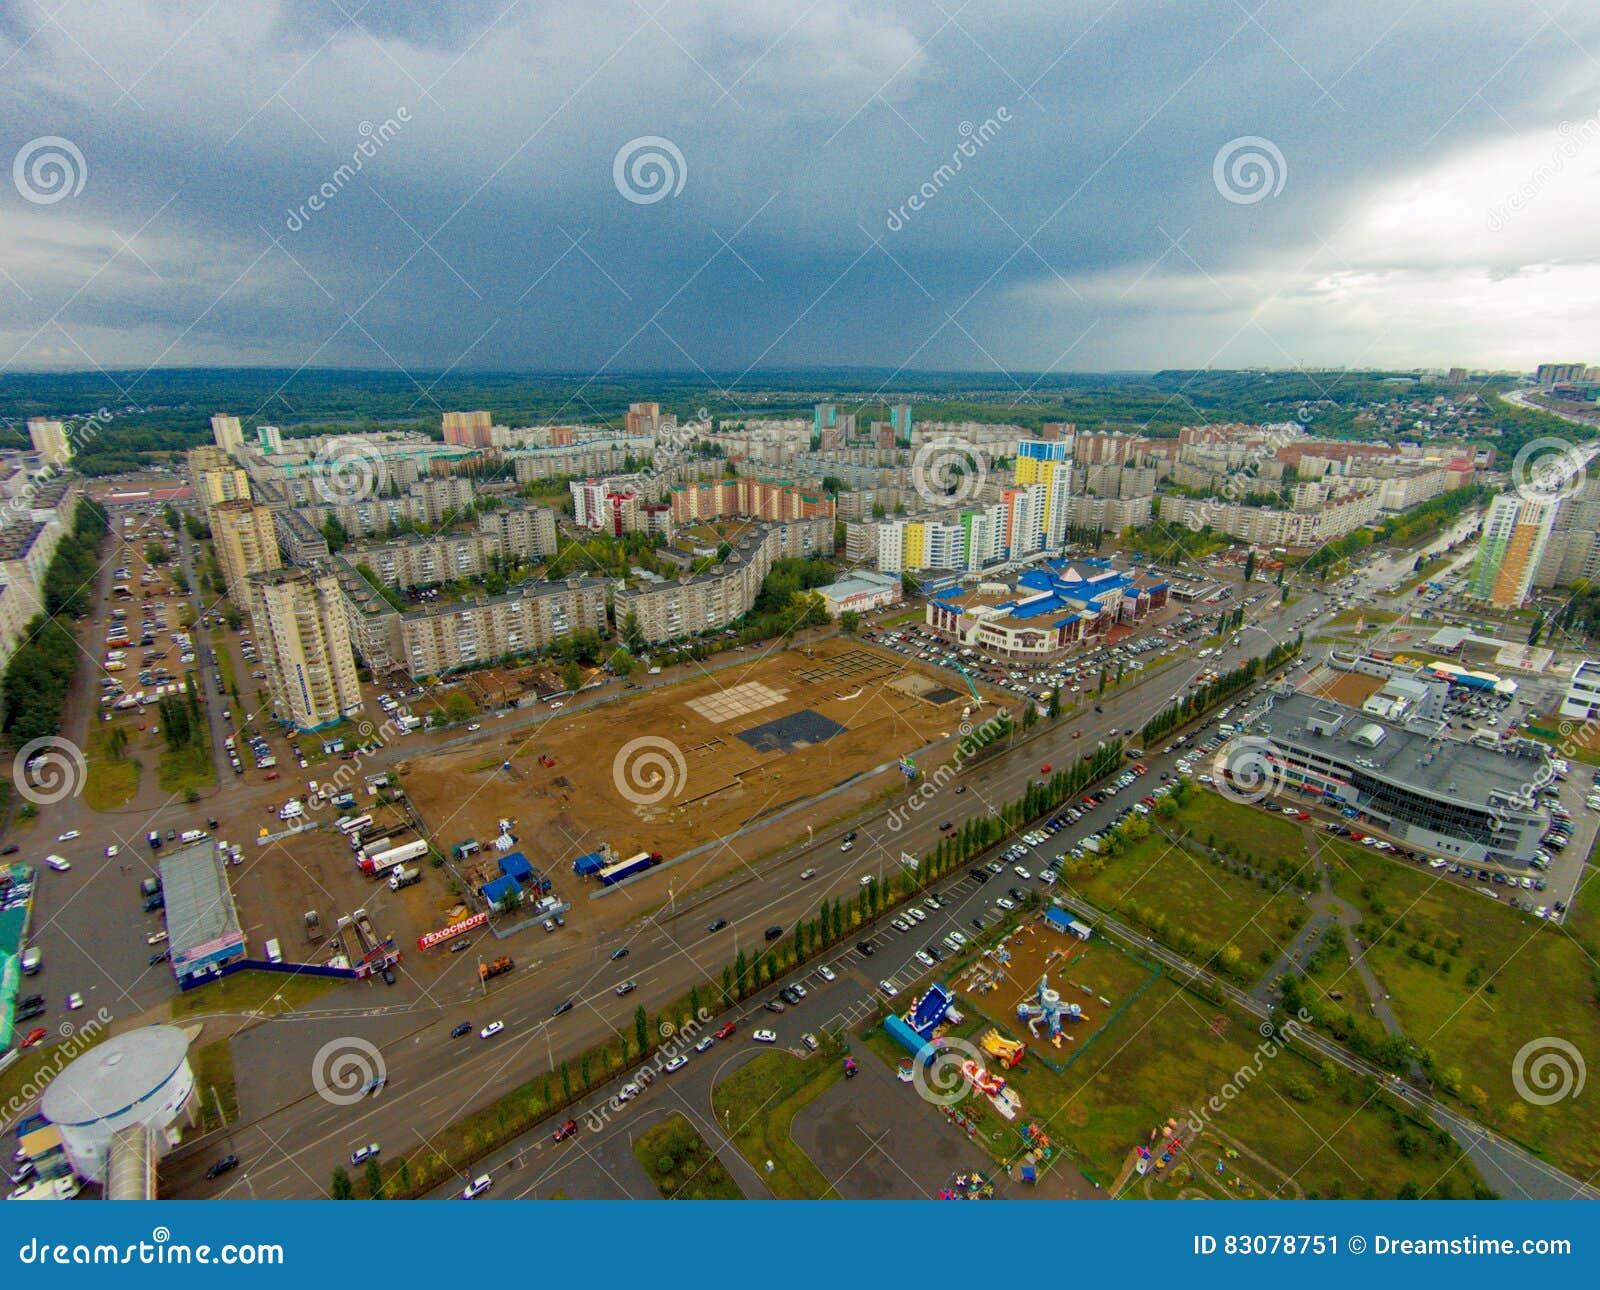 The capital of Bashkortostan. Ufa, Bashkortostan